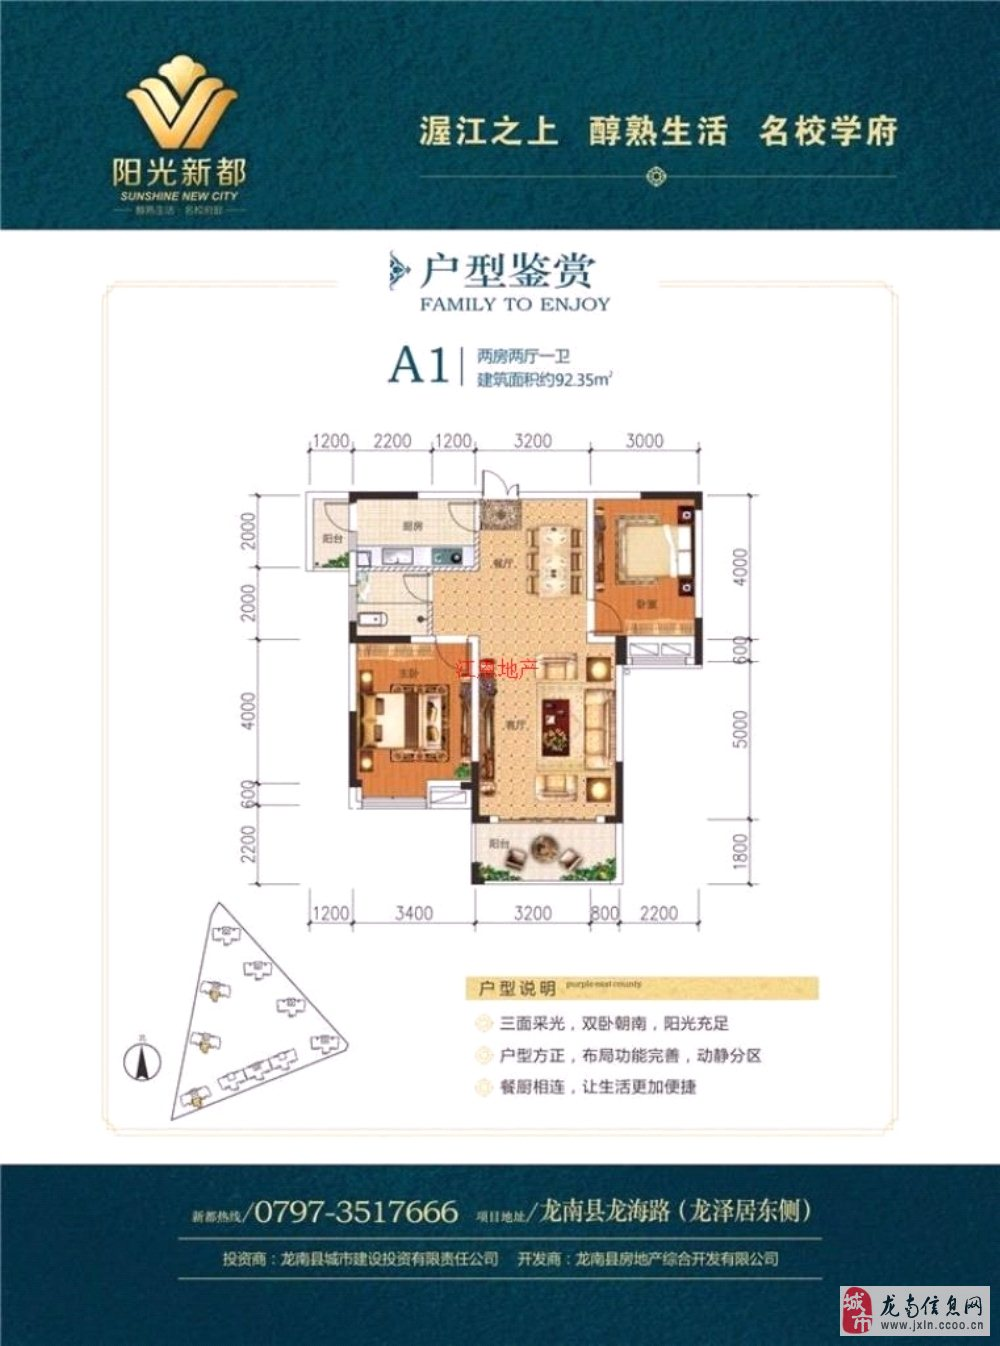 【今日推荐】阳光新都2室2厅2卫45万元